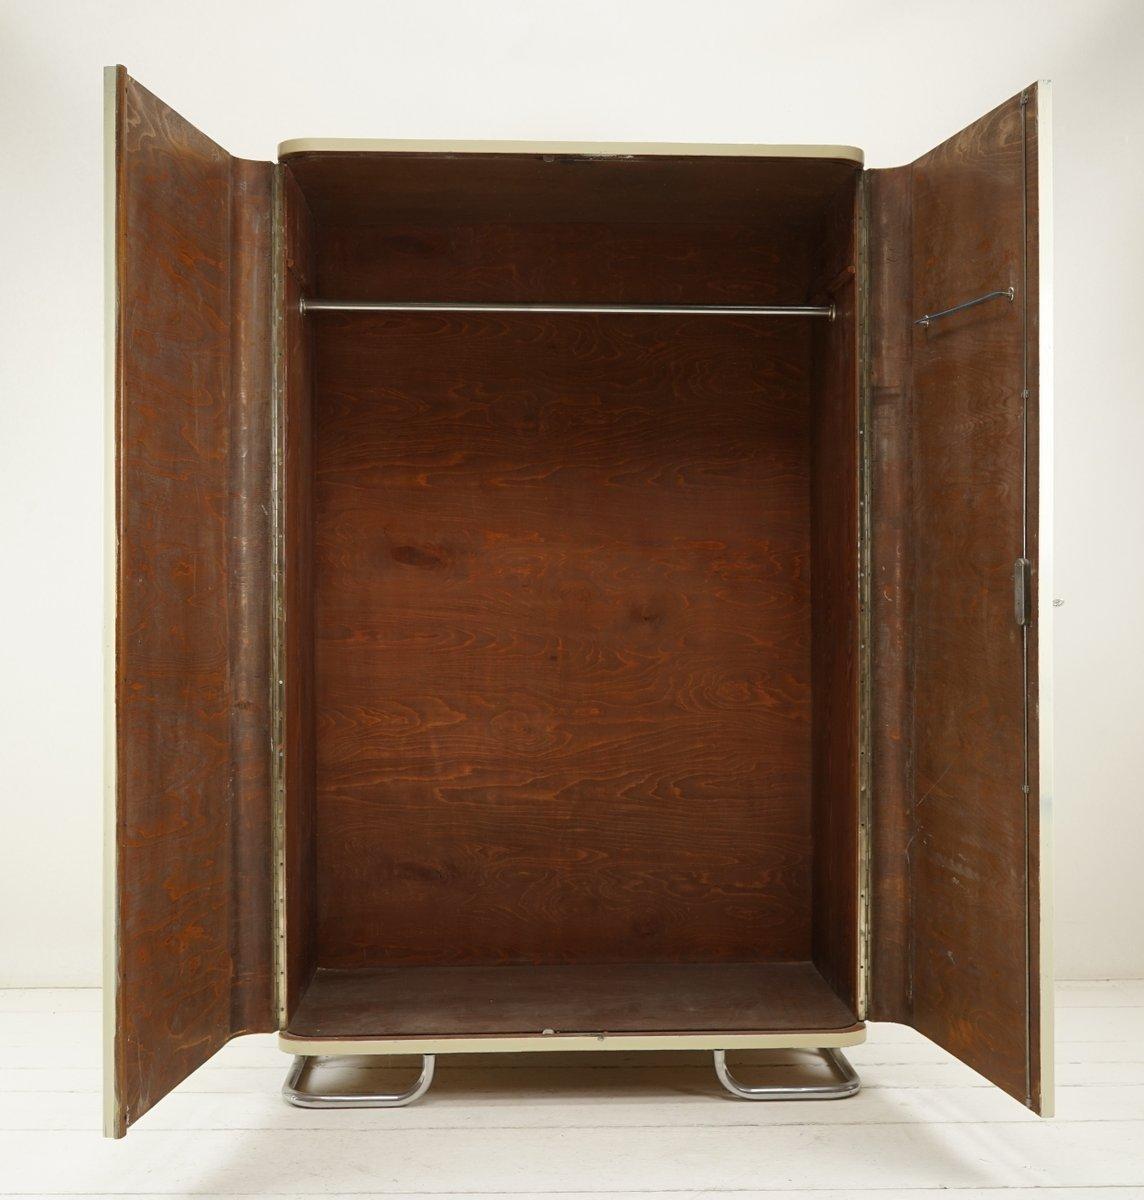 perlwei er bauhaus kleiderschrank von hynek gottwald bei pamono kaufen. Black Bedroom Furniture Sets. Home Design Ideas